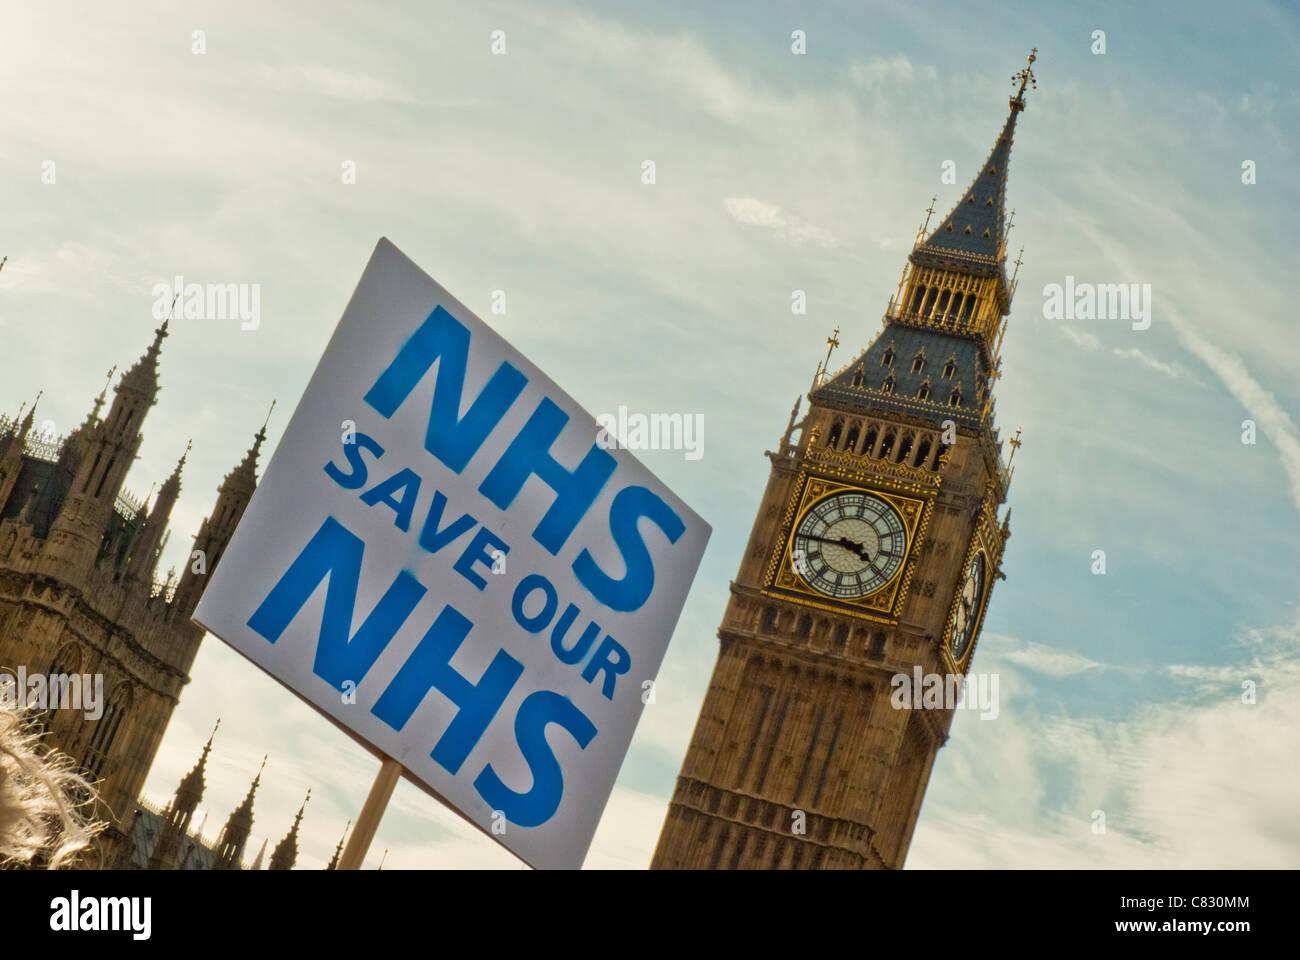 Einzelne Plakat 'NHS SPEICHERN UNSERE NHS' gegen Big Ben sowohl auf jaunty Winkel. Stockbild